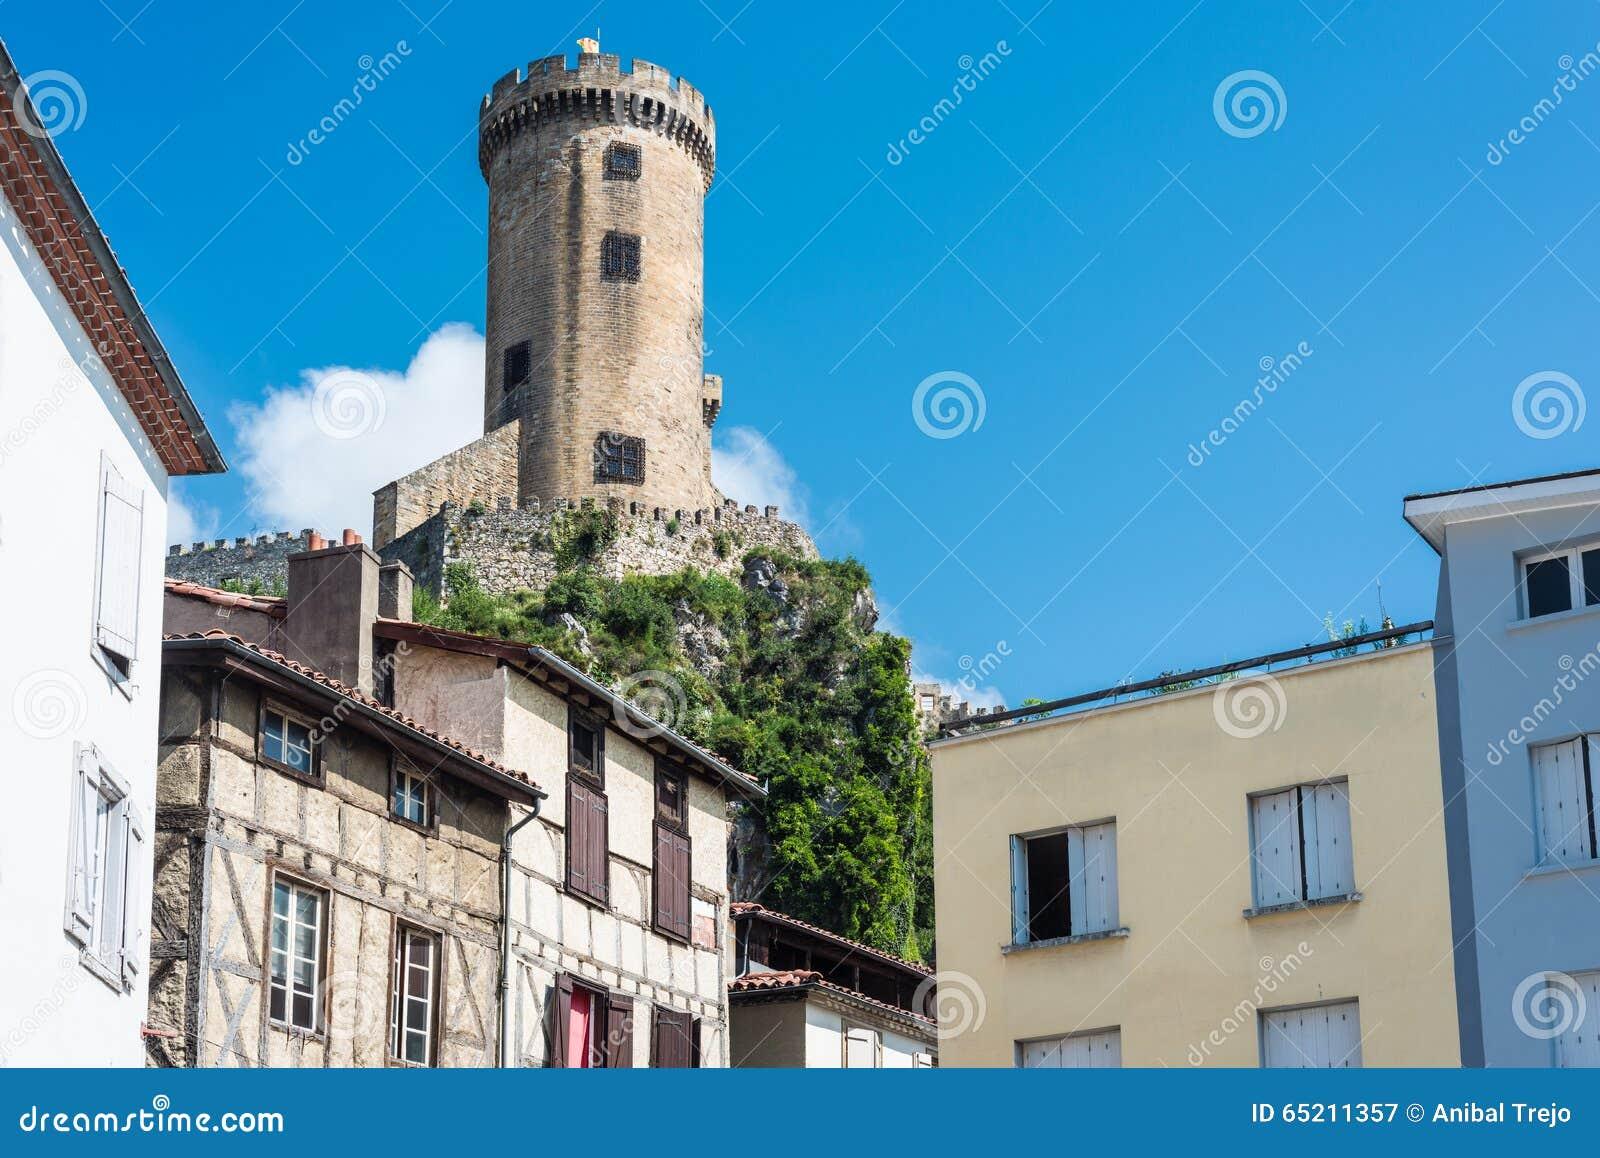 castle in the sky midi download